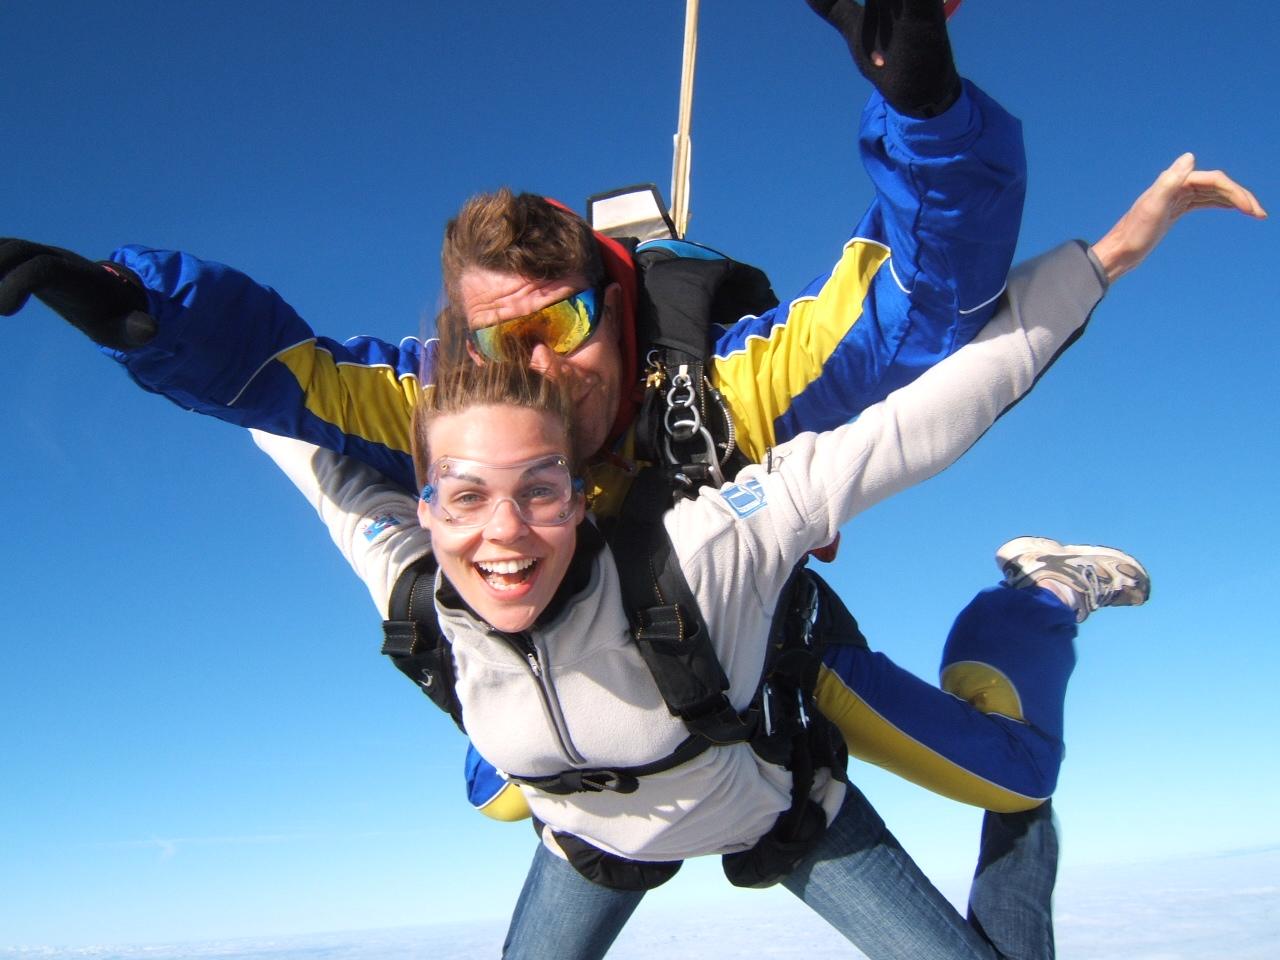 saut-parachute-evjf-budapest